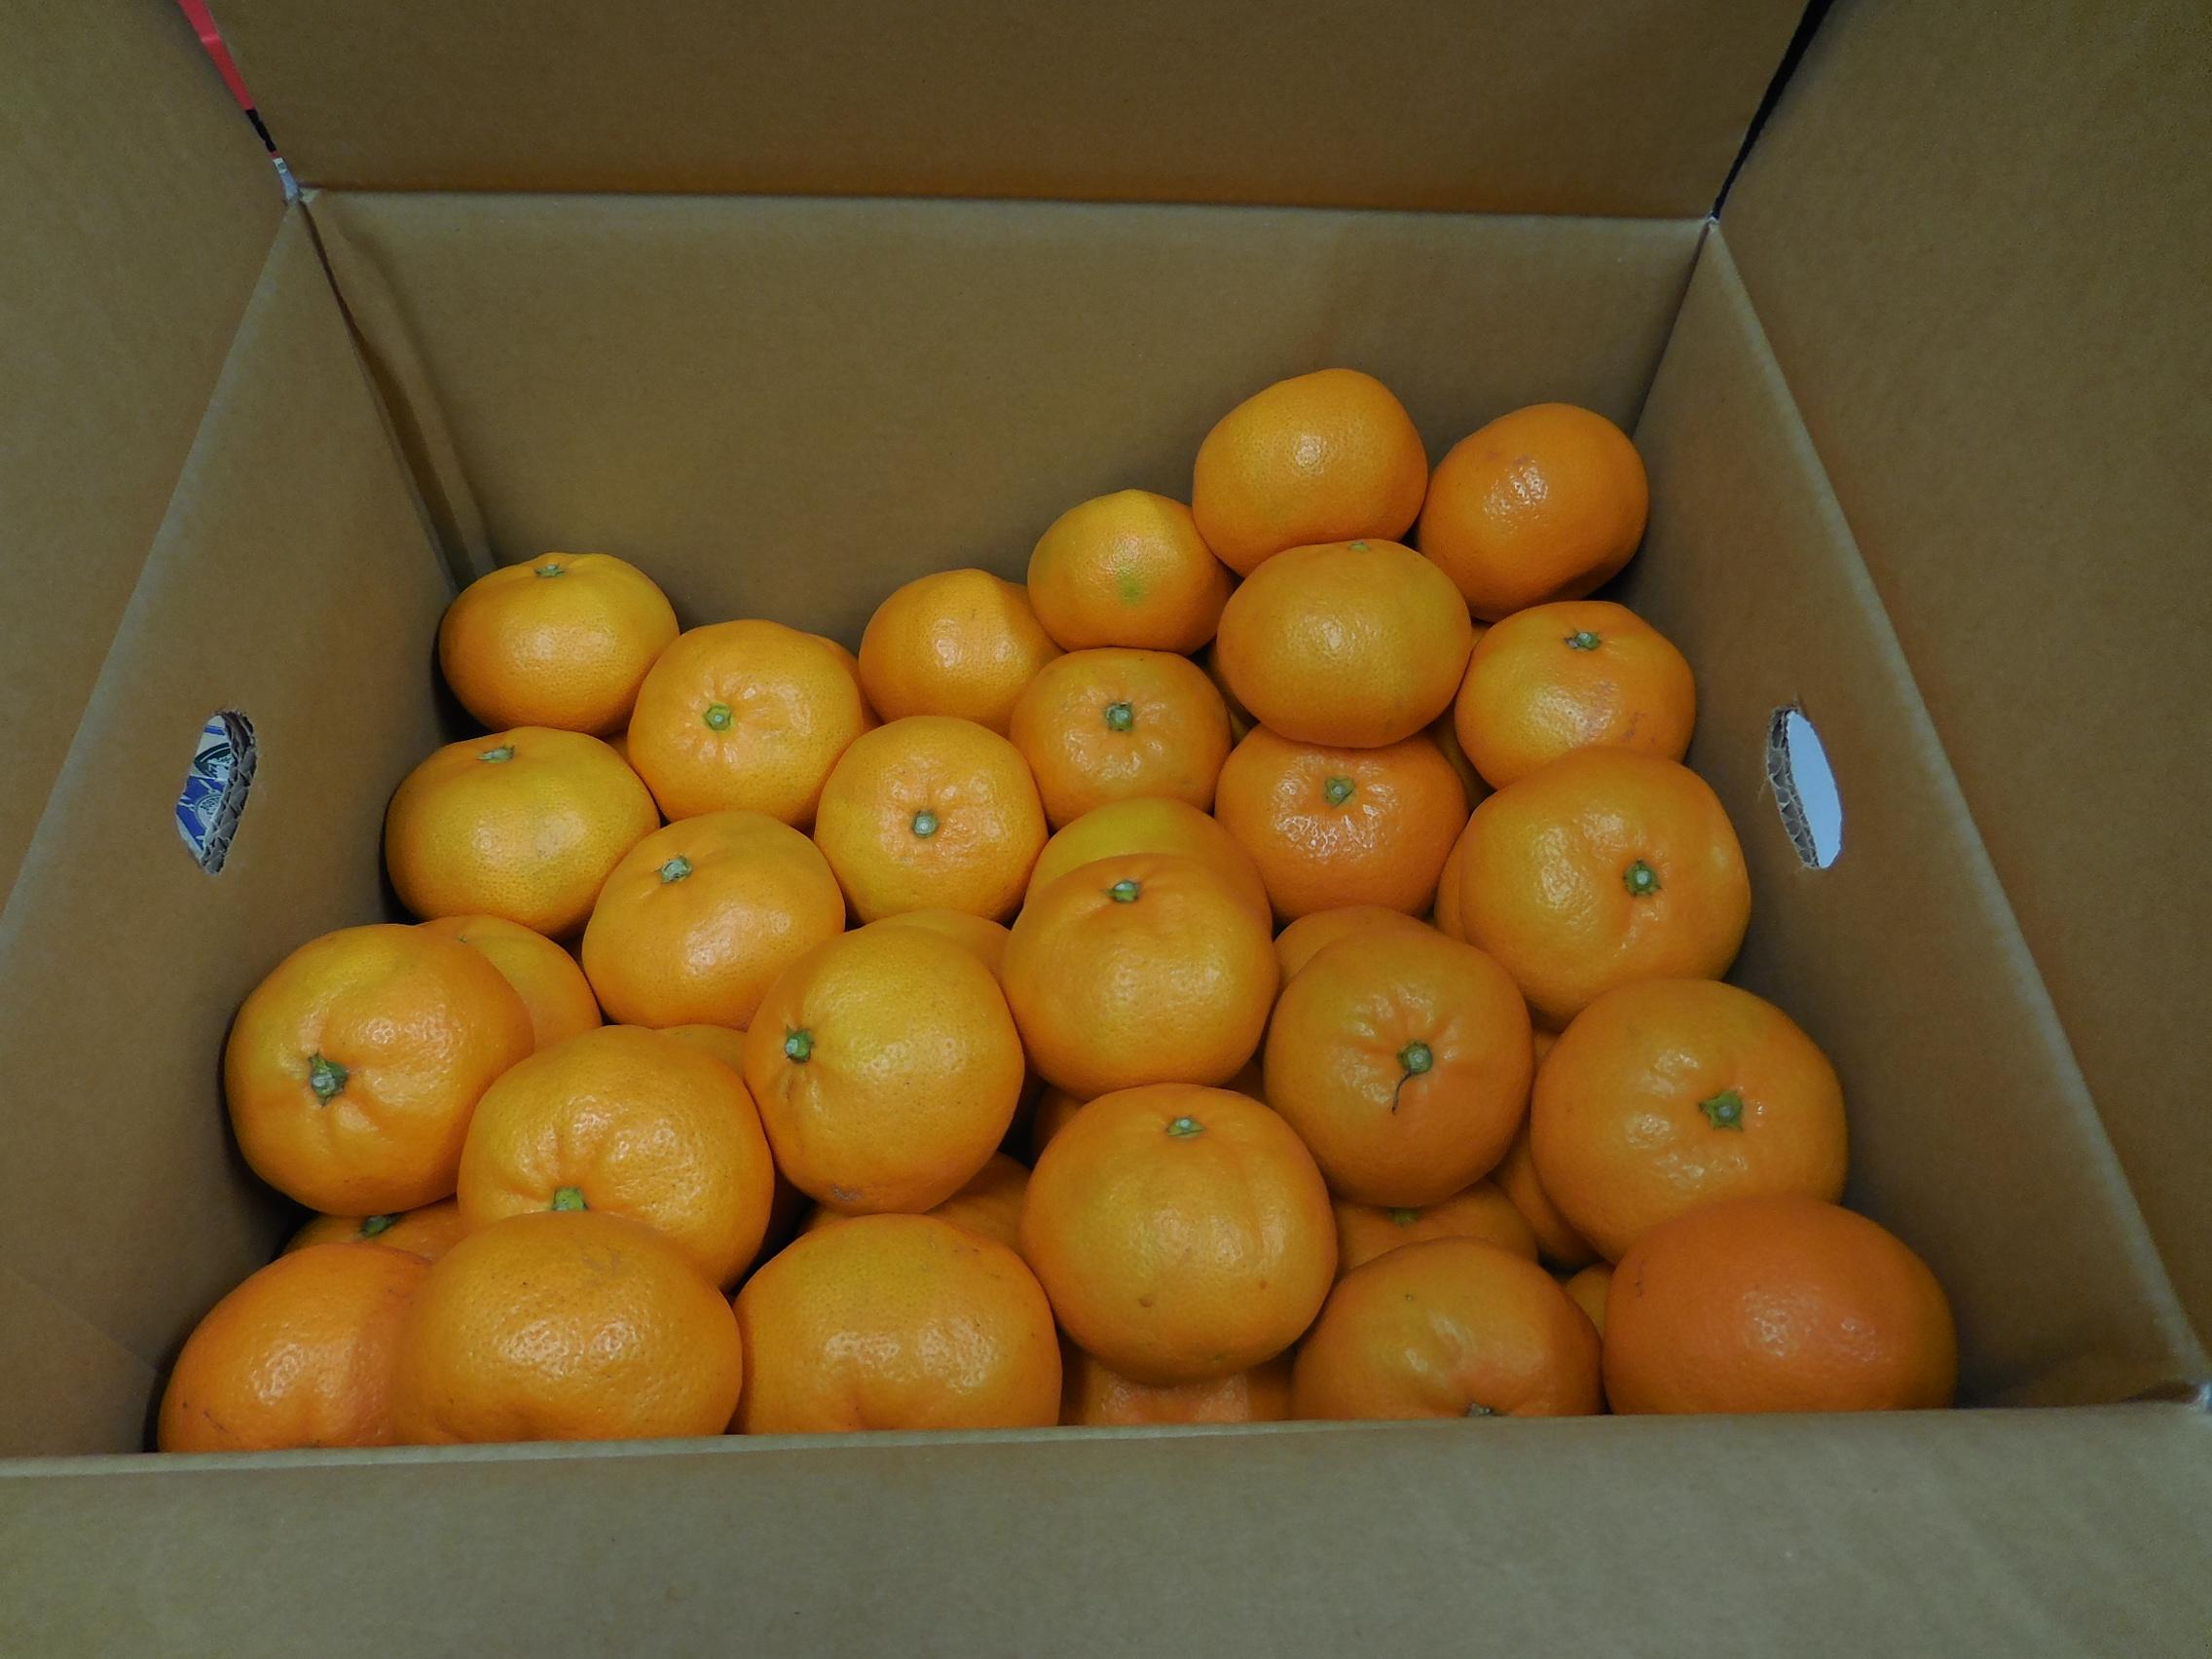 http://www.ige.tohoku.ac.jp/mirai/news/upload_items/201311/DSCN0667.JPG